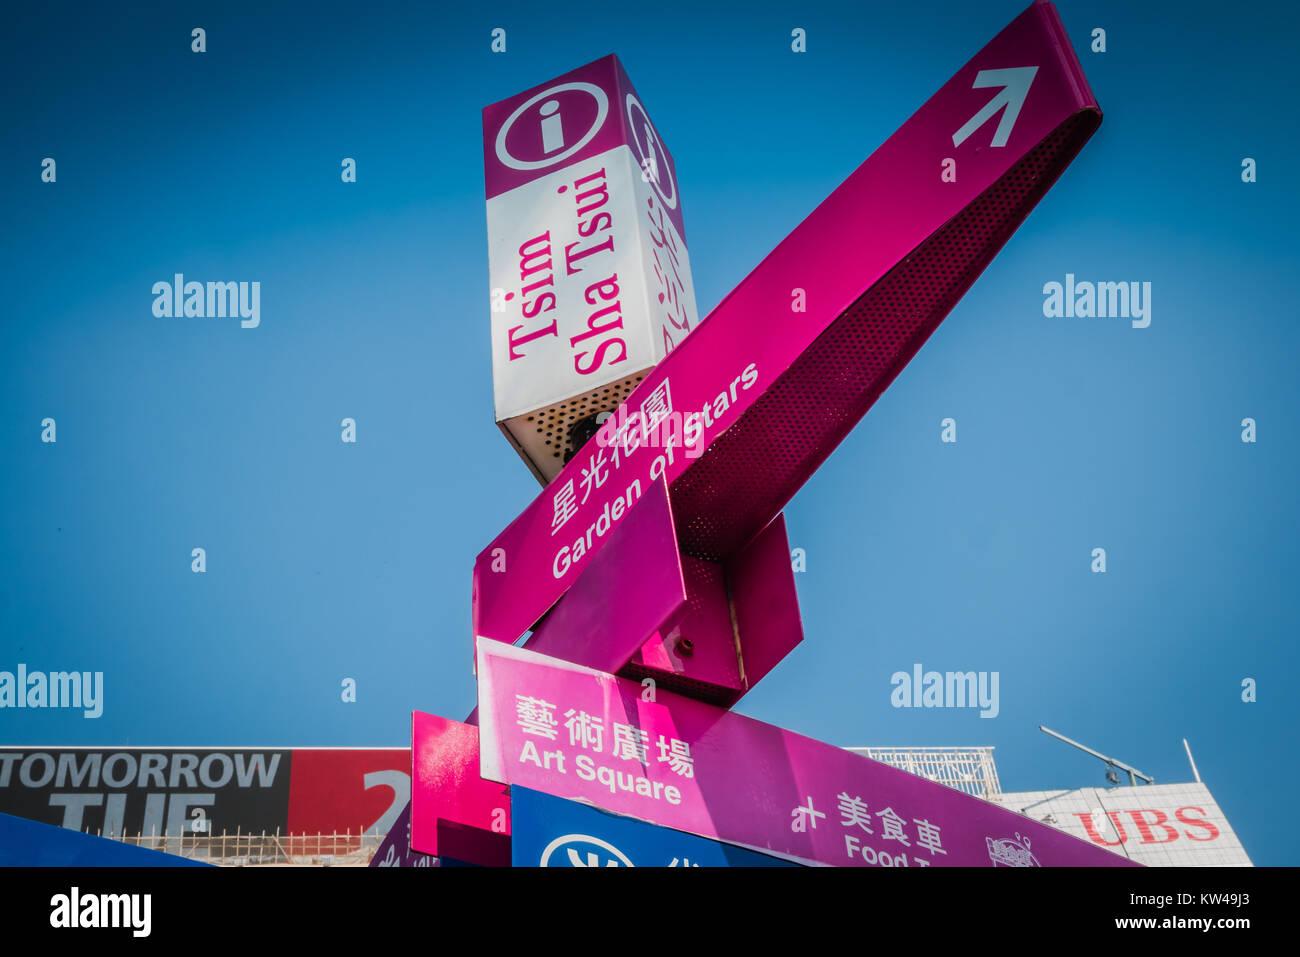 hong kong tsim sha tsui - Stock Image